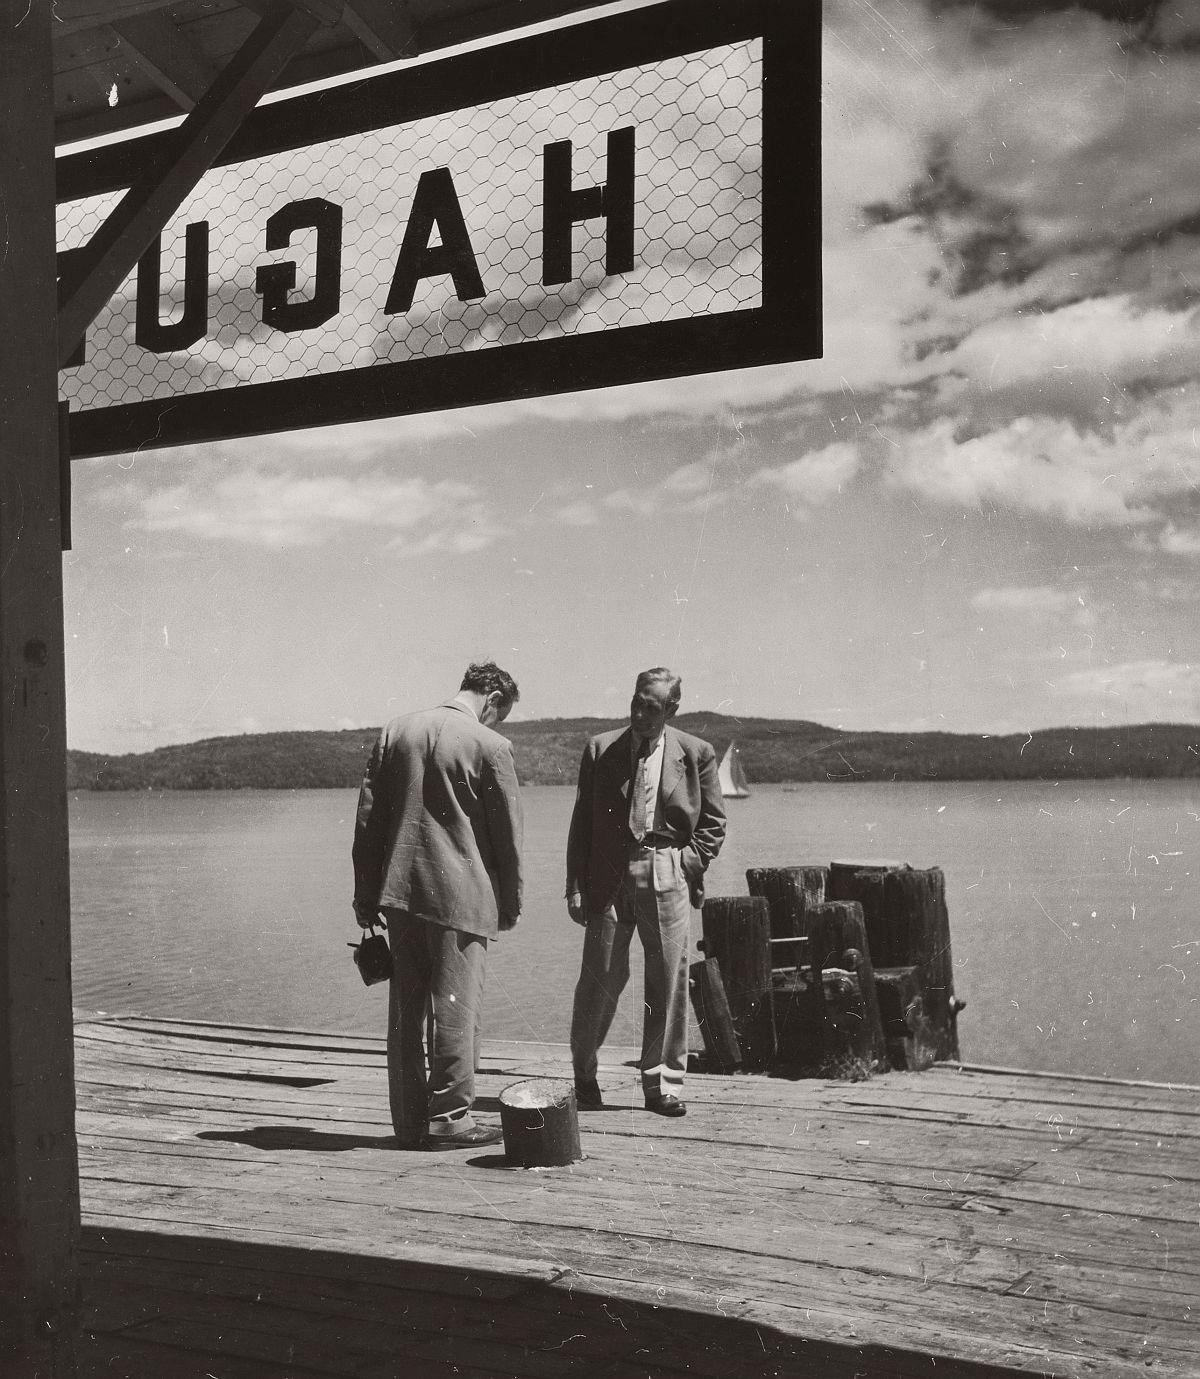 Robert Haas: Two men on a pier, United States, 1940s © Wien Museum/Sammlung Robert Haas